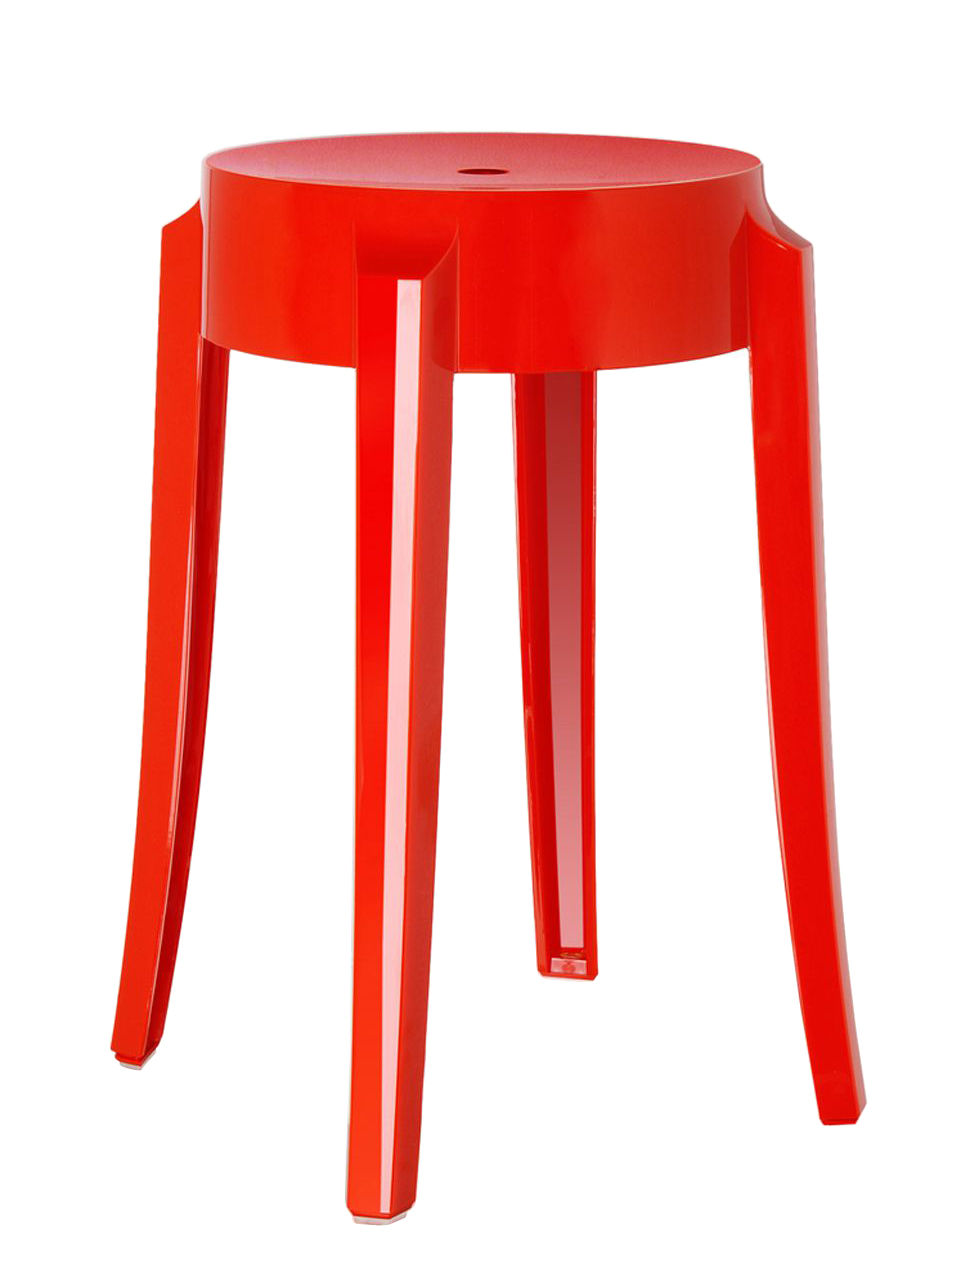 tabouret empilable charles ghost h 46 cm plastique rouge opaque kartell. Black Bedroom Furniture Sets. Home Design Ideas